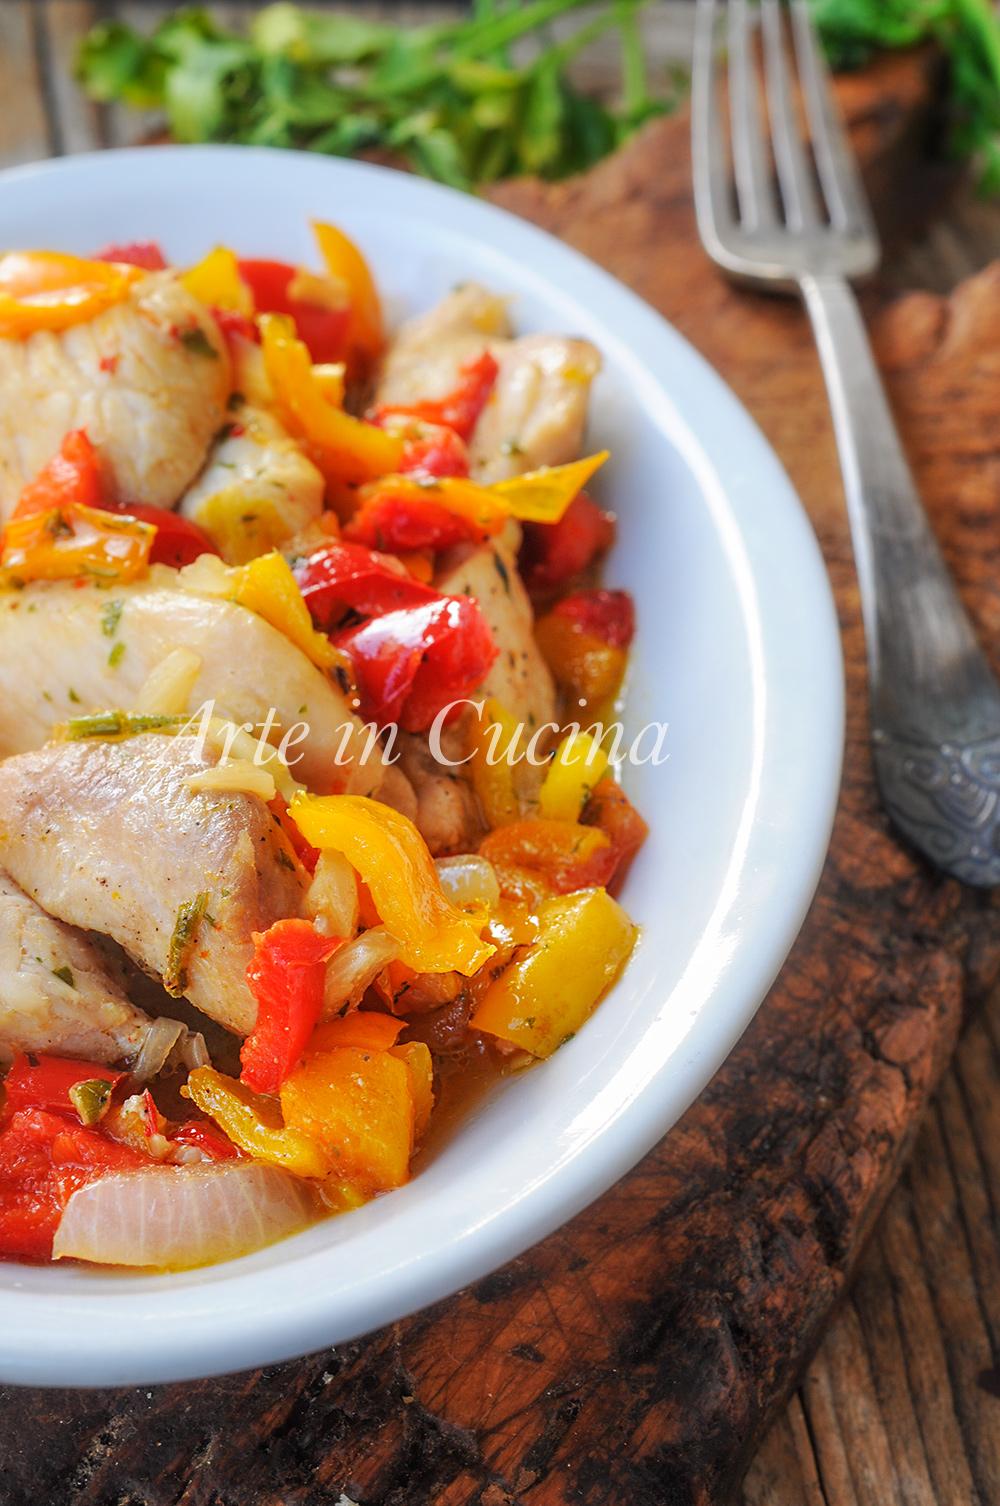 Bocconcini di tacchino alla spagnola con verdure vickyart arte in cucina